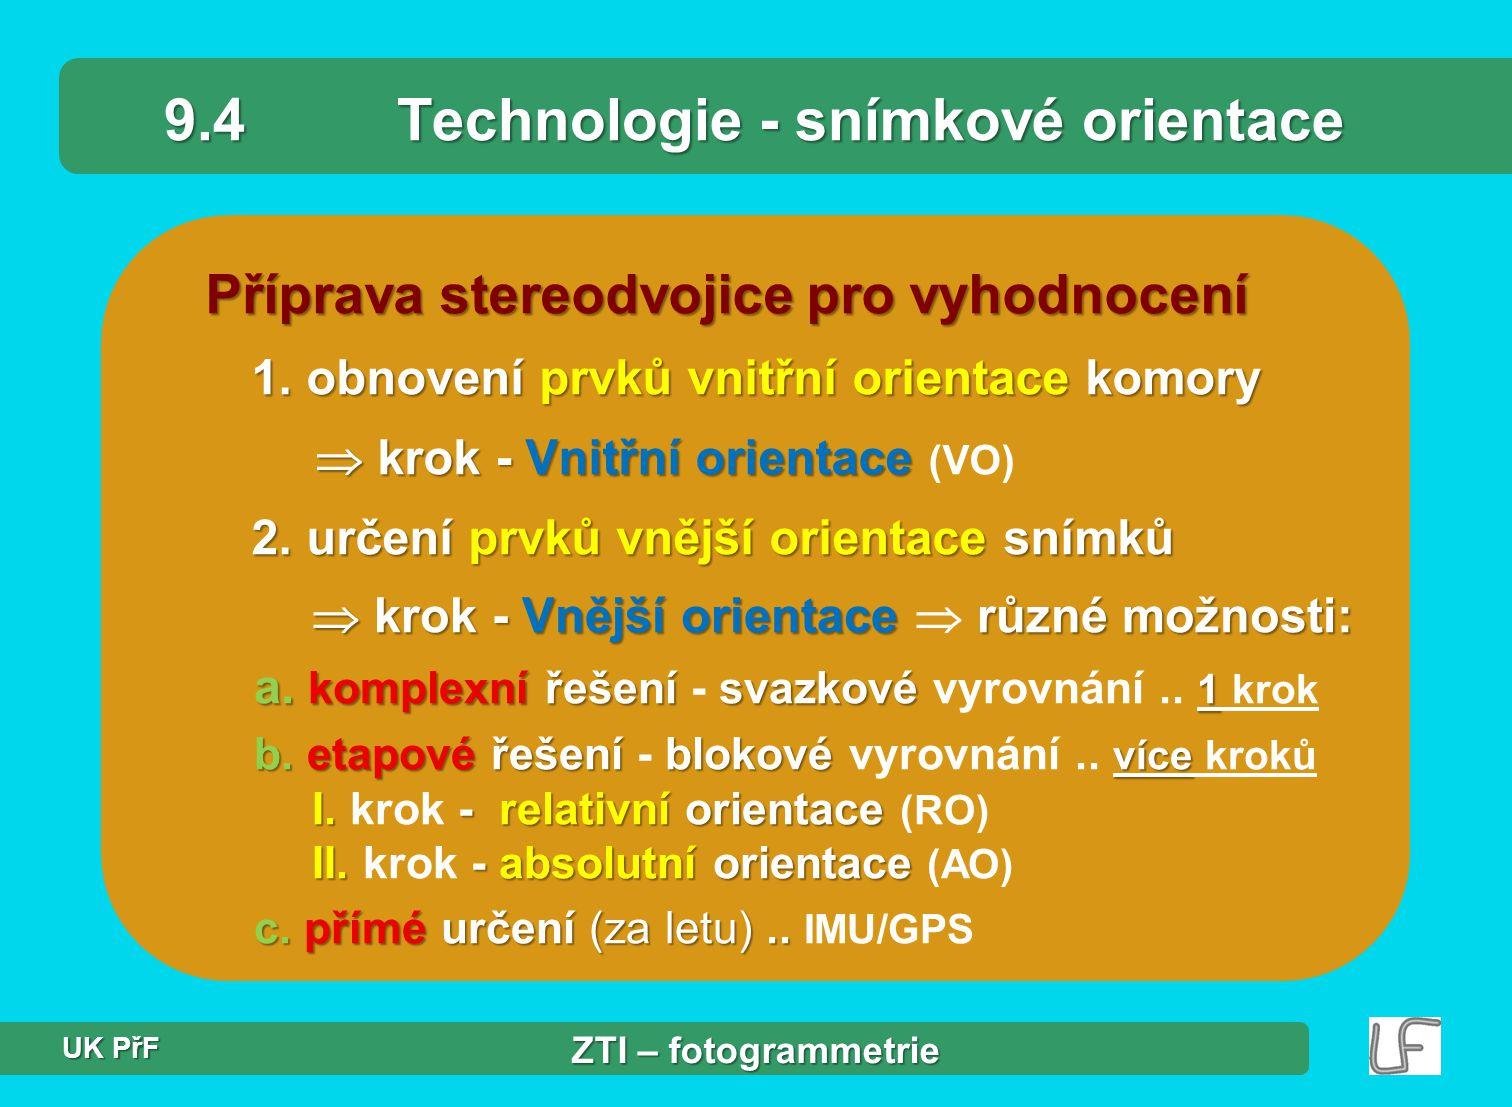 9.4 Technologie - snímkové orientace